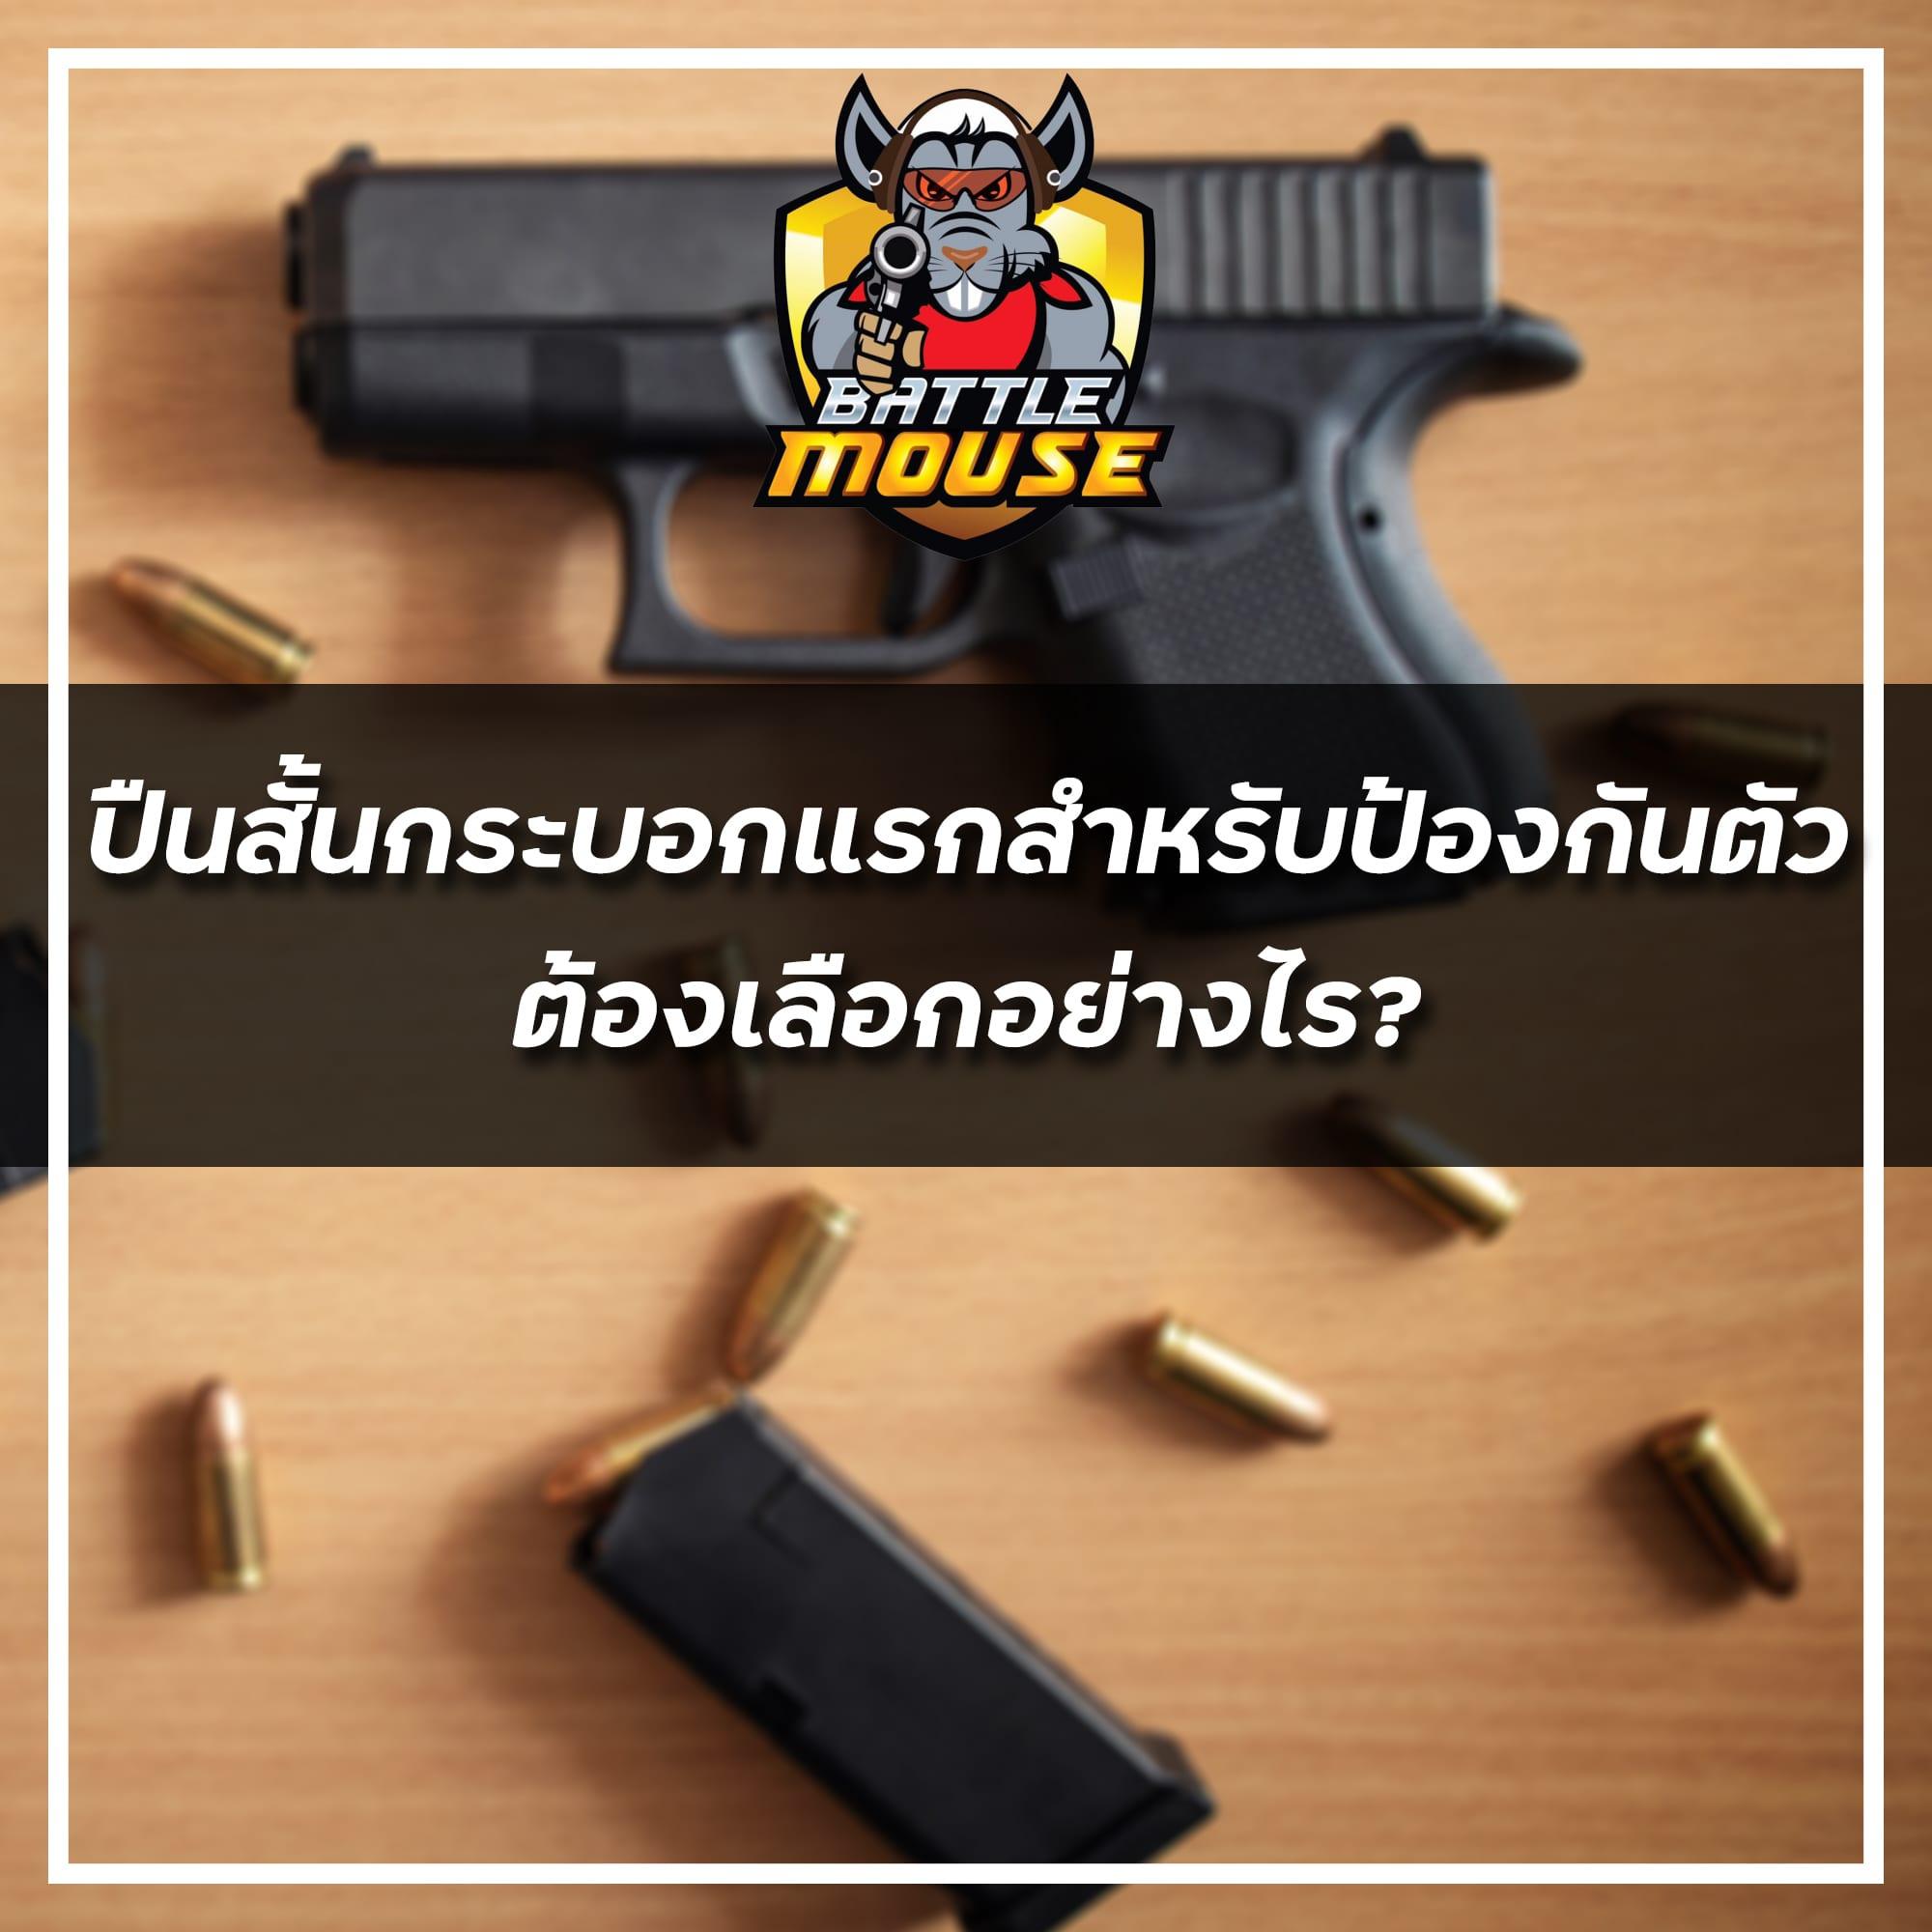 ปืนสั้นกระบอกแรกสำหรับป้องกันตัว ต้องเลือกอย่างไร?